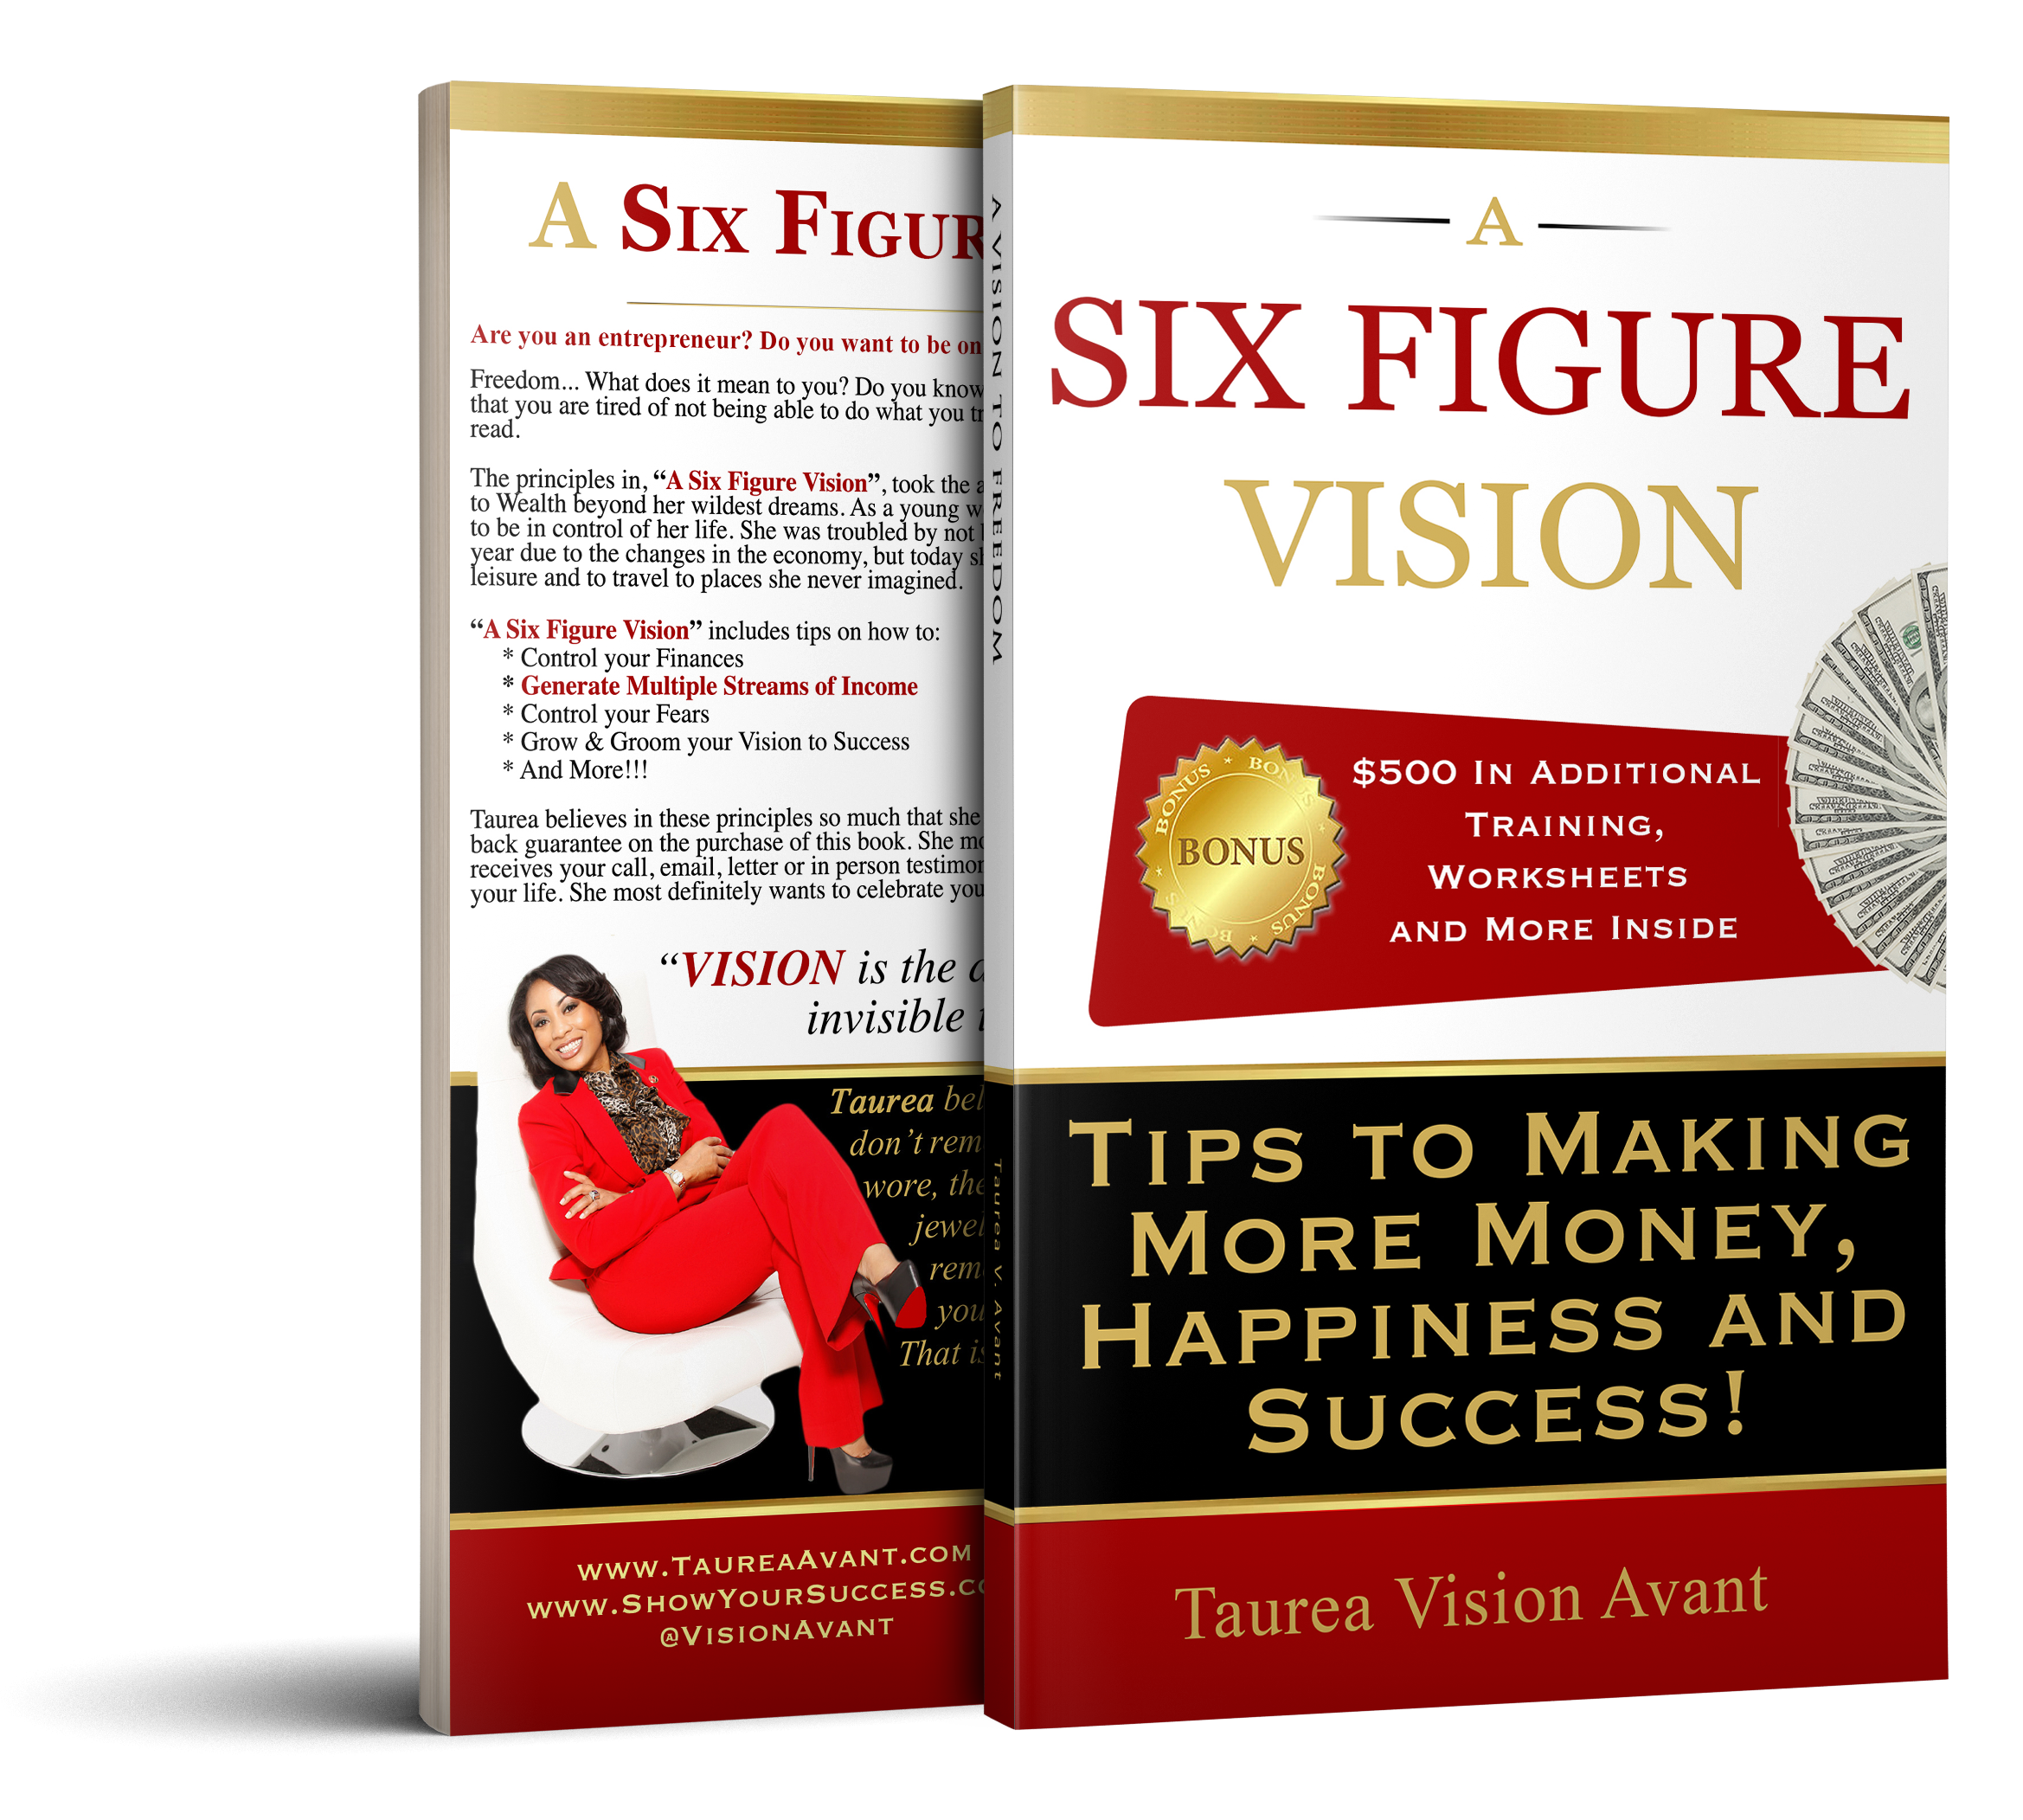 Six Figure Vision 00004